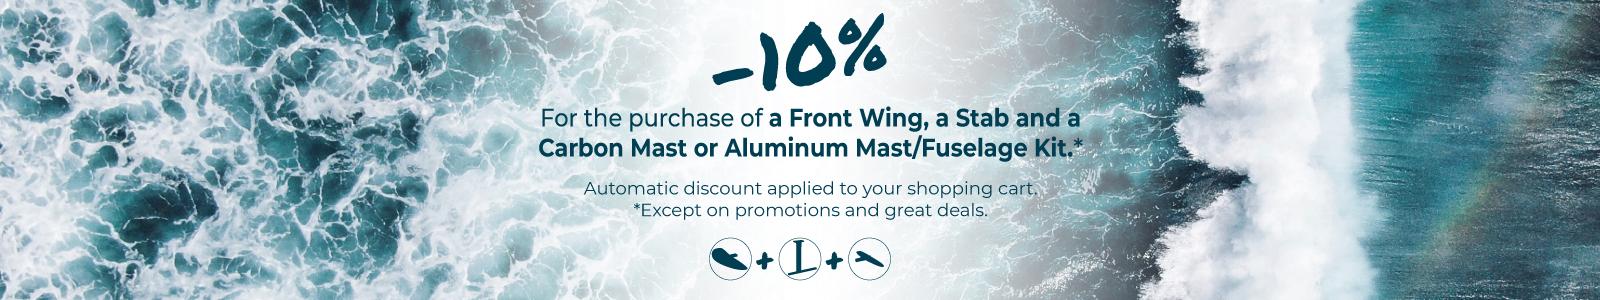 Wings/Stabs/Fuselages/Masts